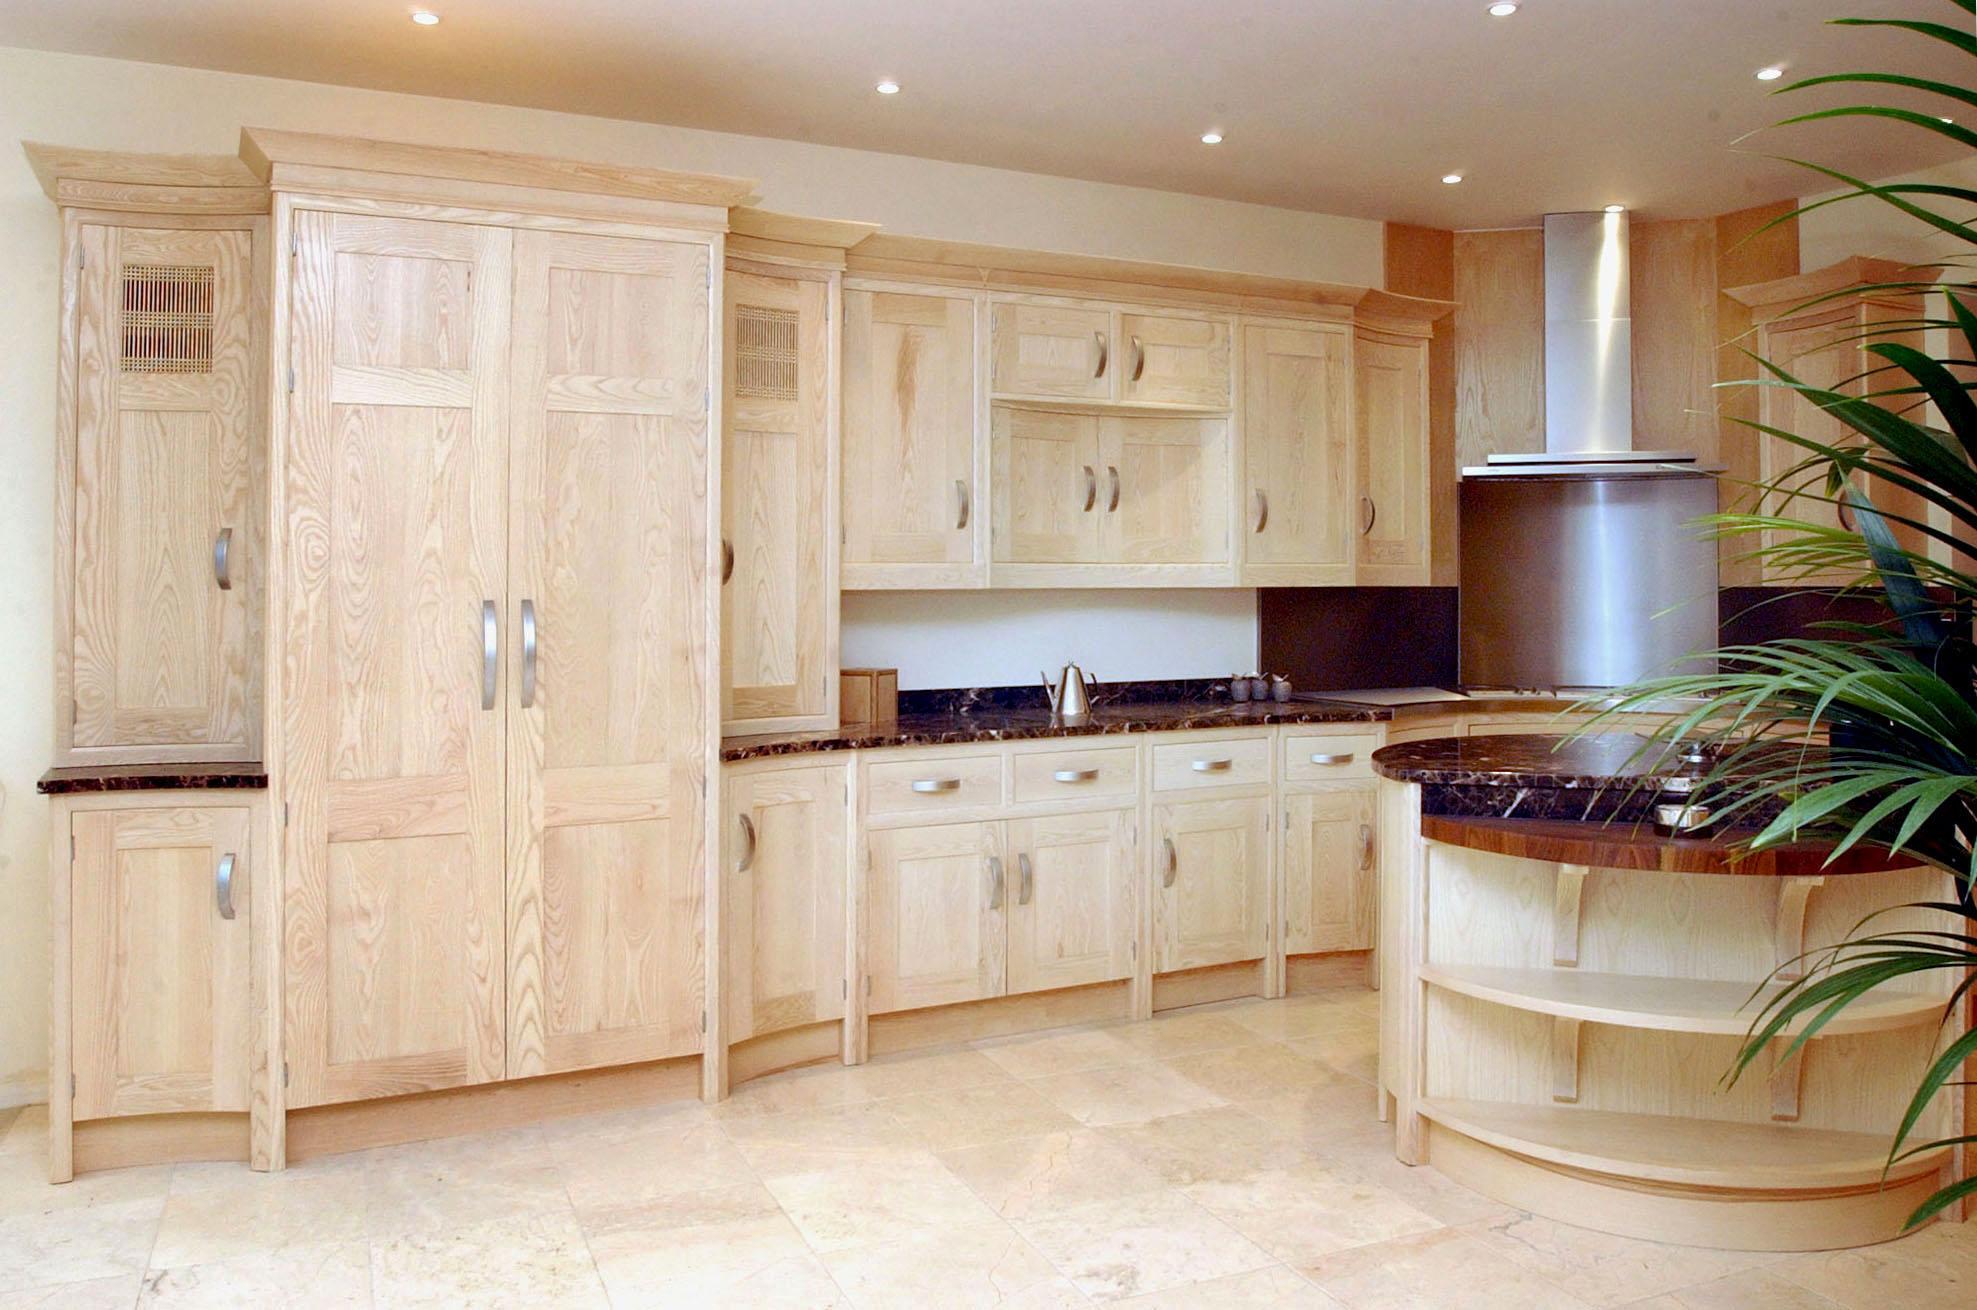 Bespoke Kitchens & Furniture